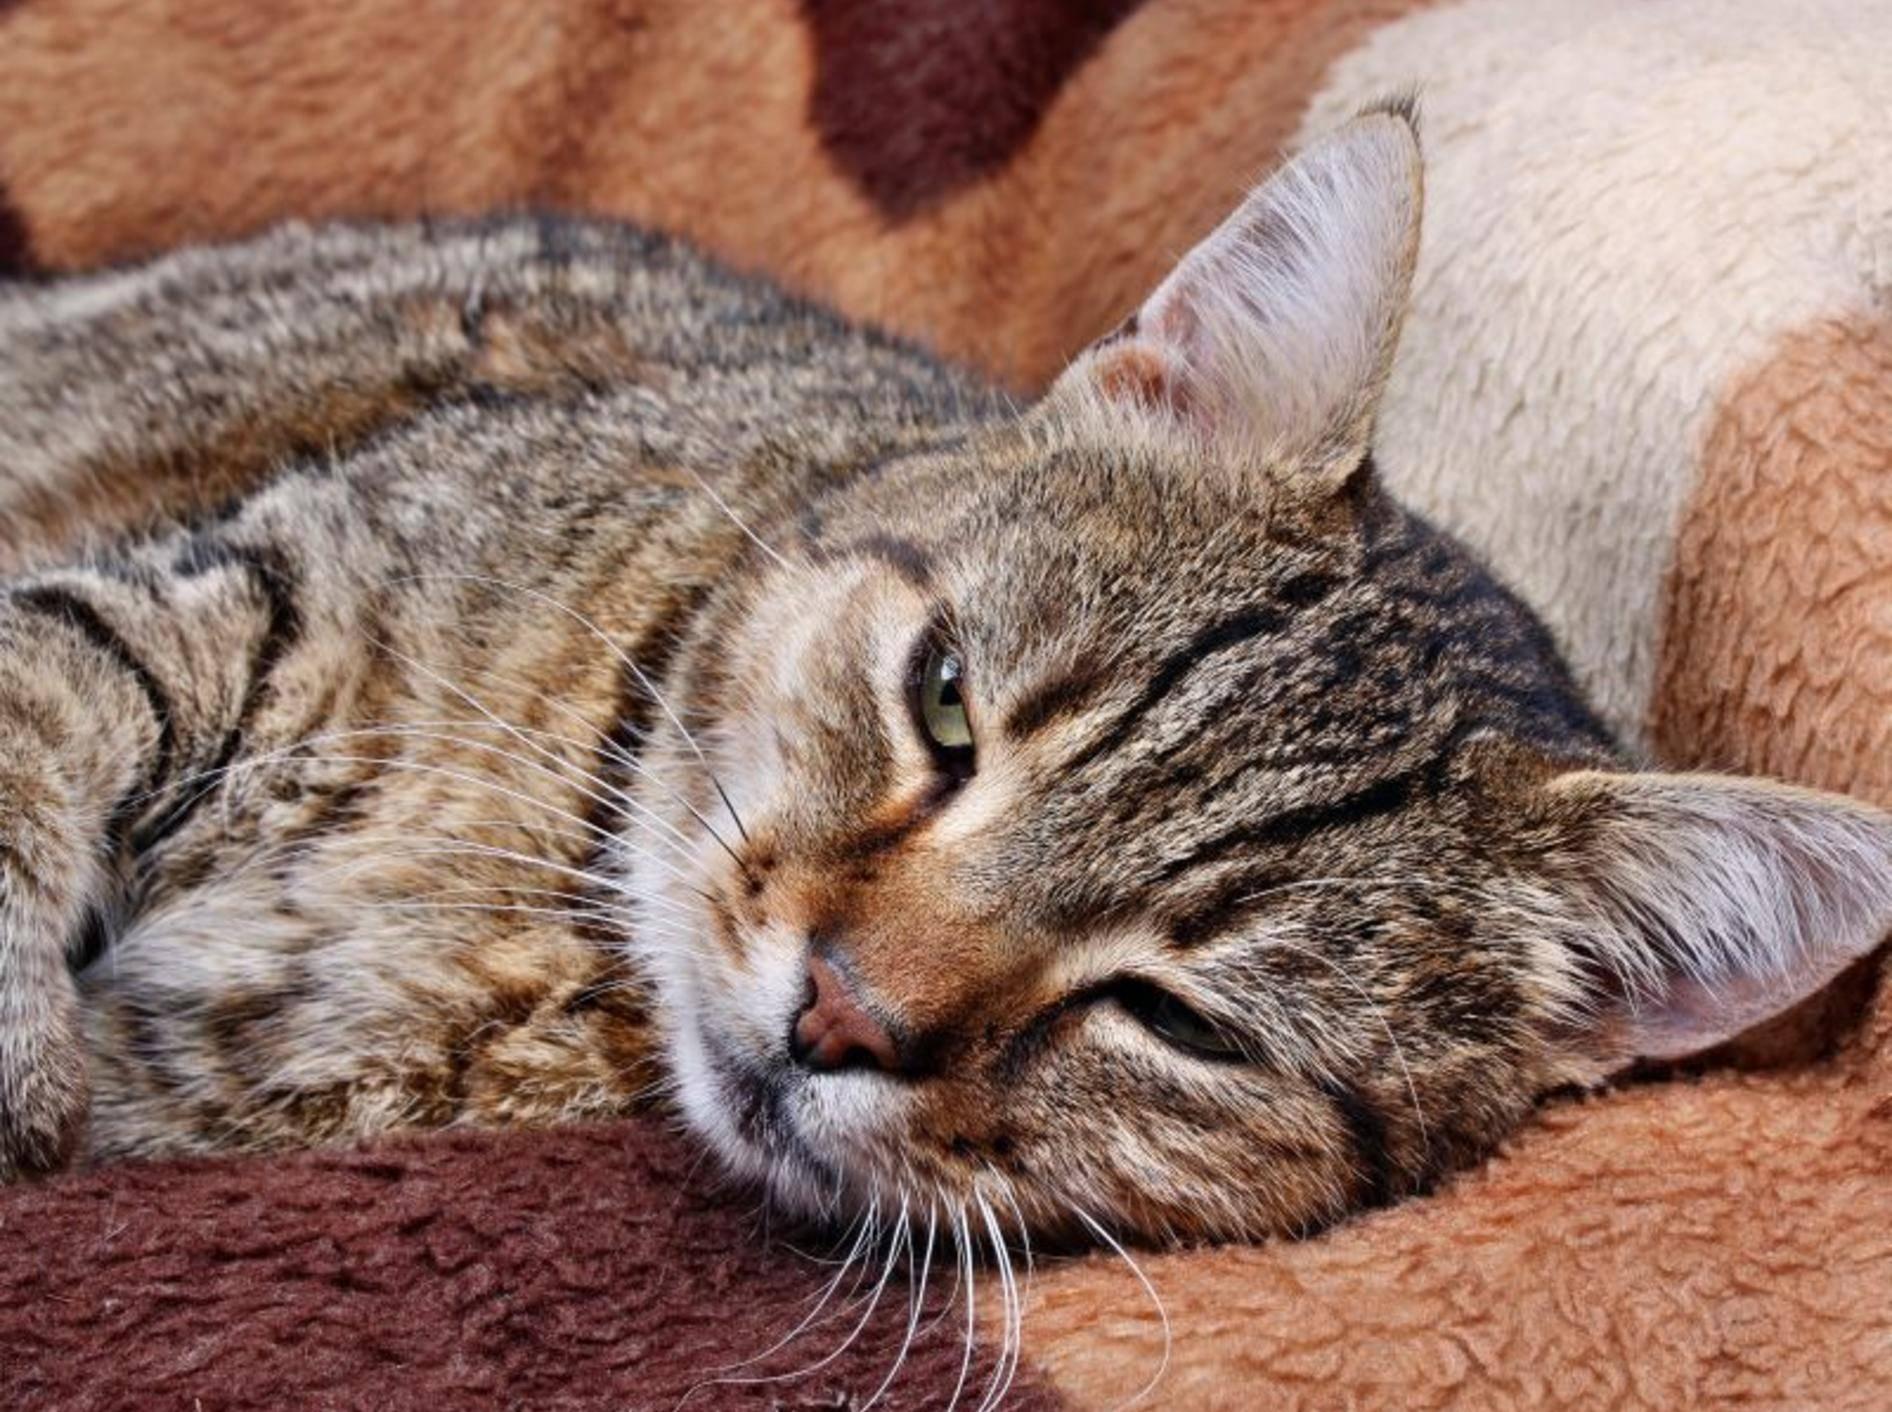 Demenz bei Katzen: Nach dem Aufwachen sind die Symptome oft deutlicher sichtbar – Bild: Shutterstock / Adam J